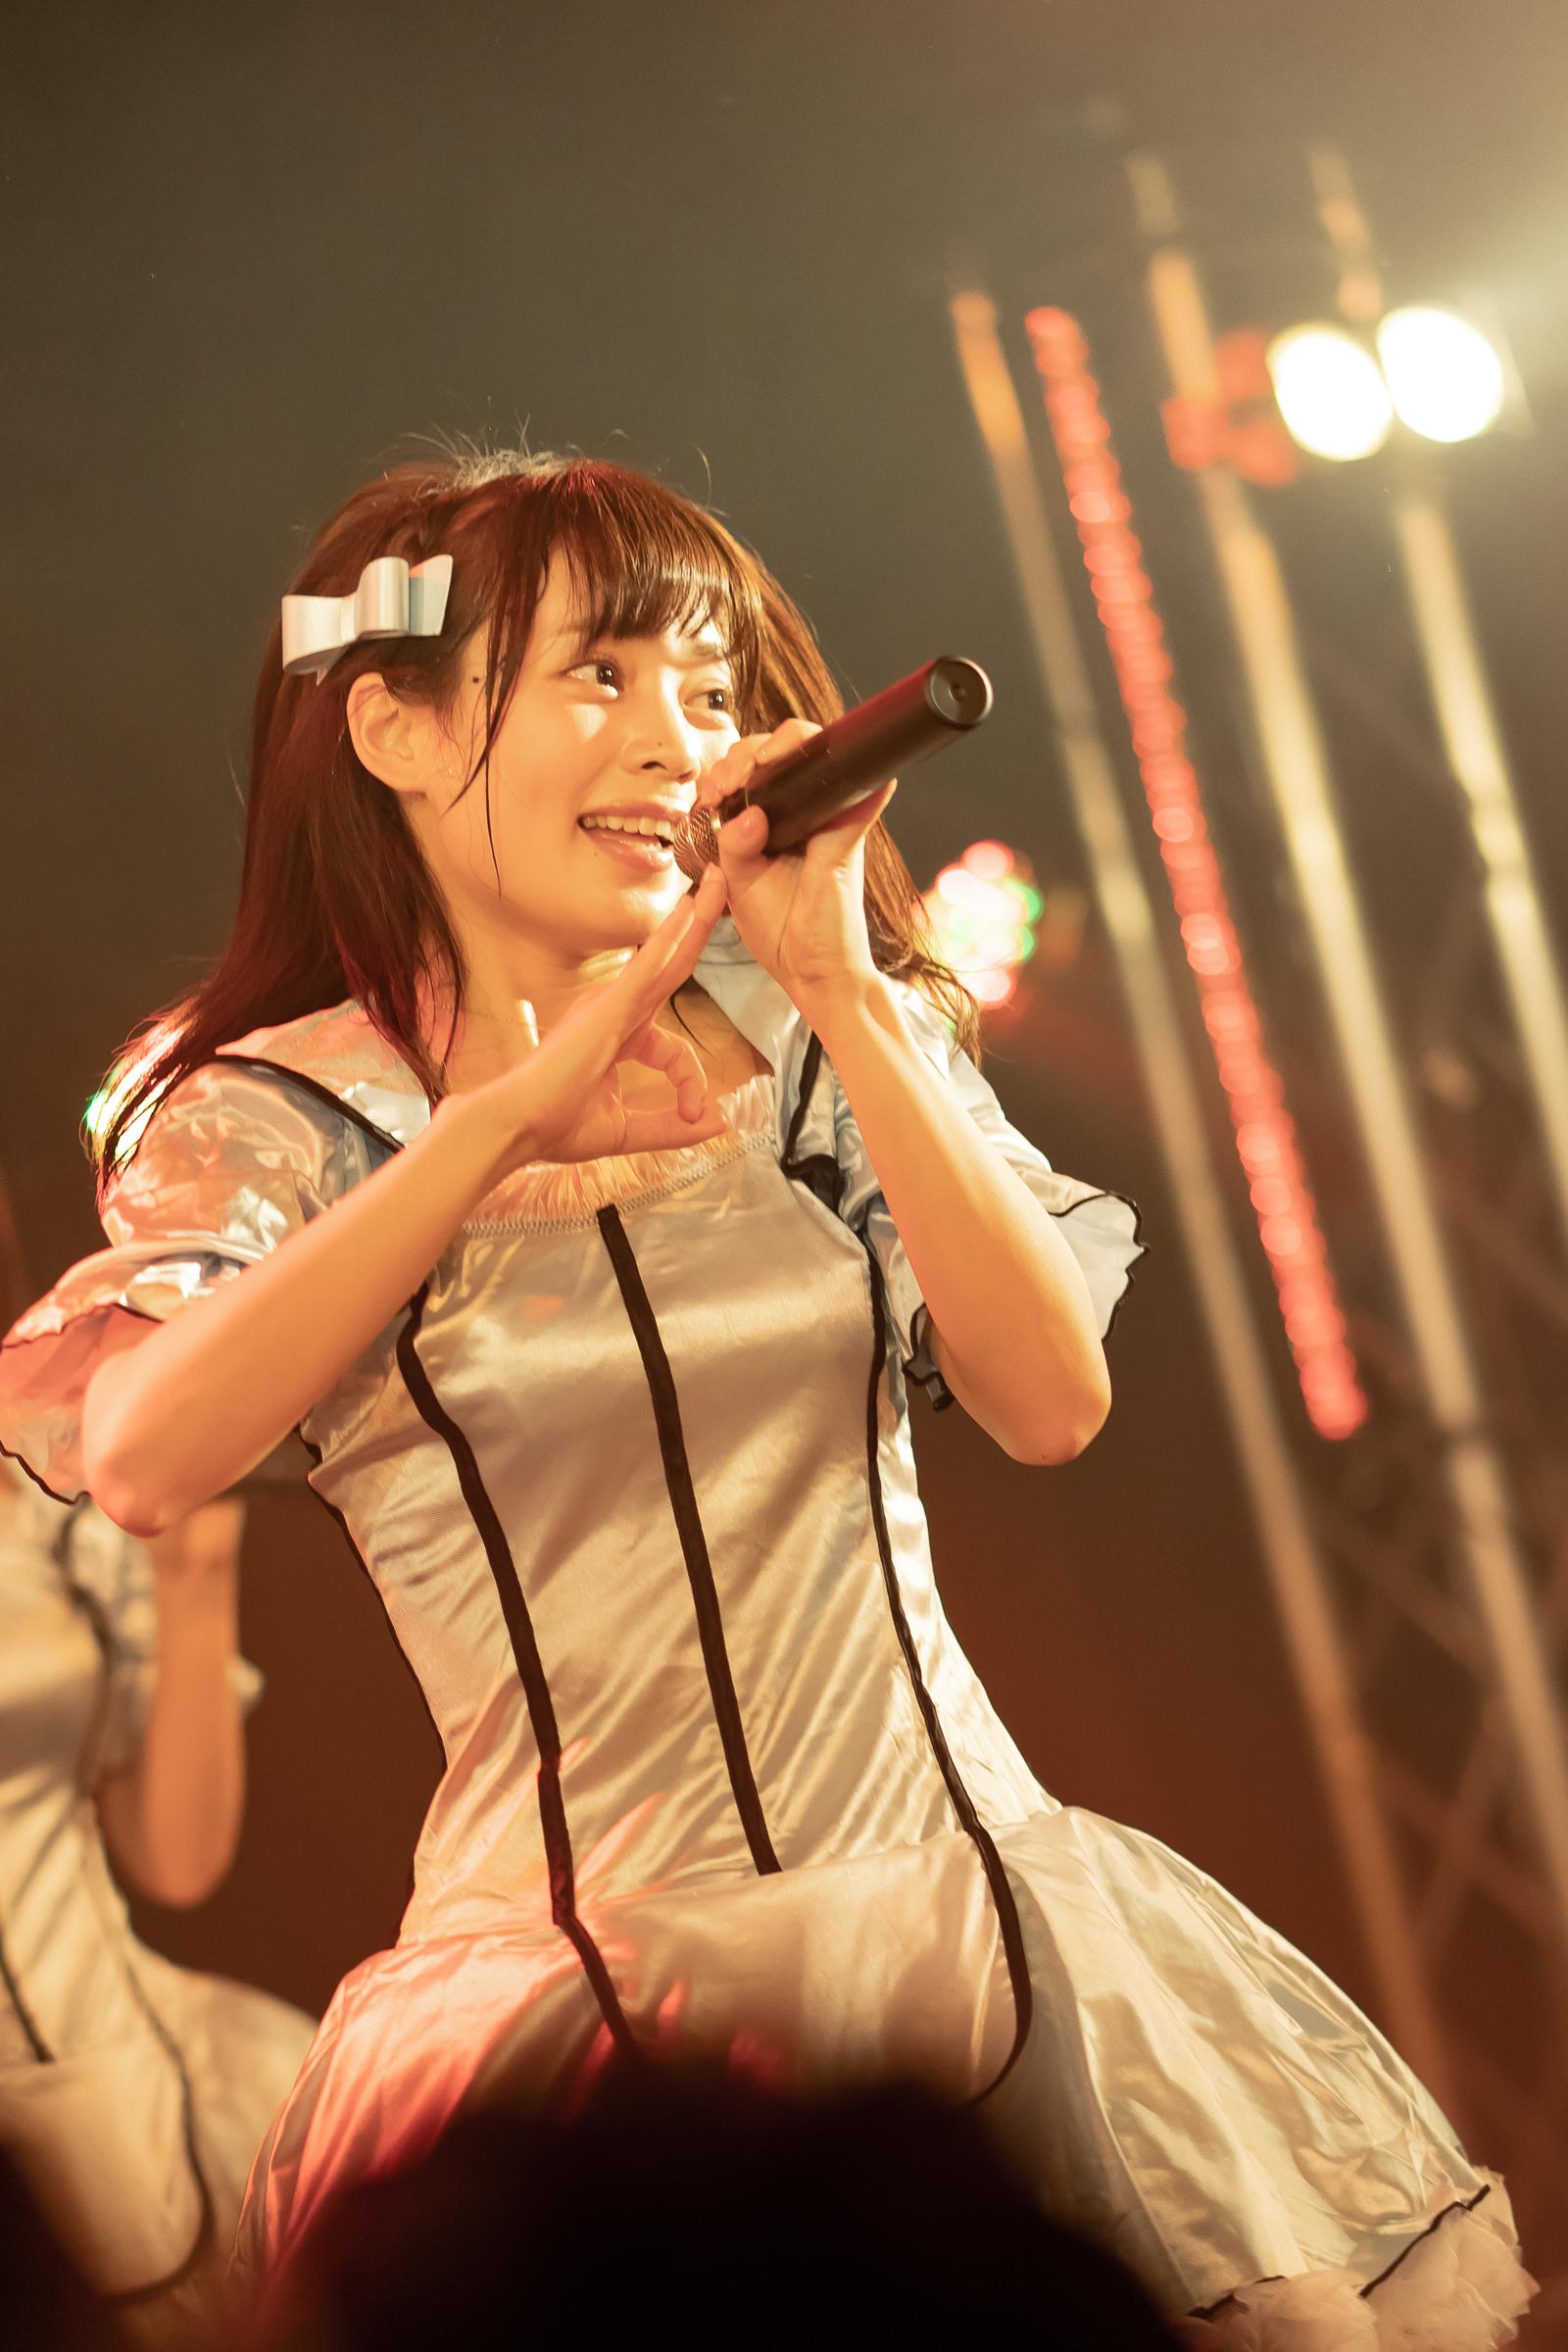 2代目HAPPY少女♪ ゆいな ( 宮崎ゆいな )   ハピパvol.26〜みく、きょうか2周年記念ライブ〜